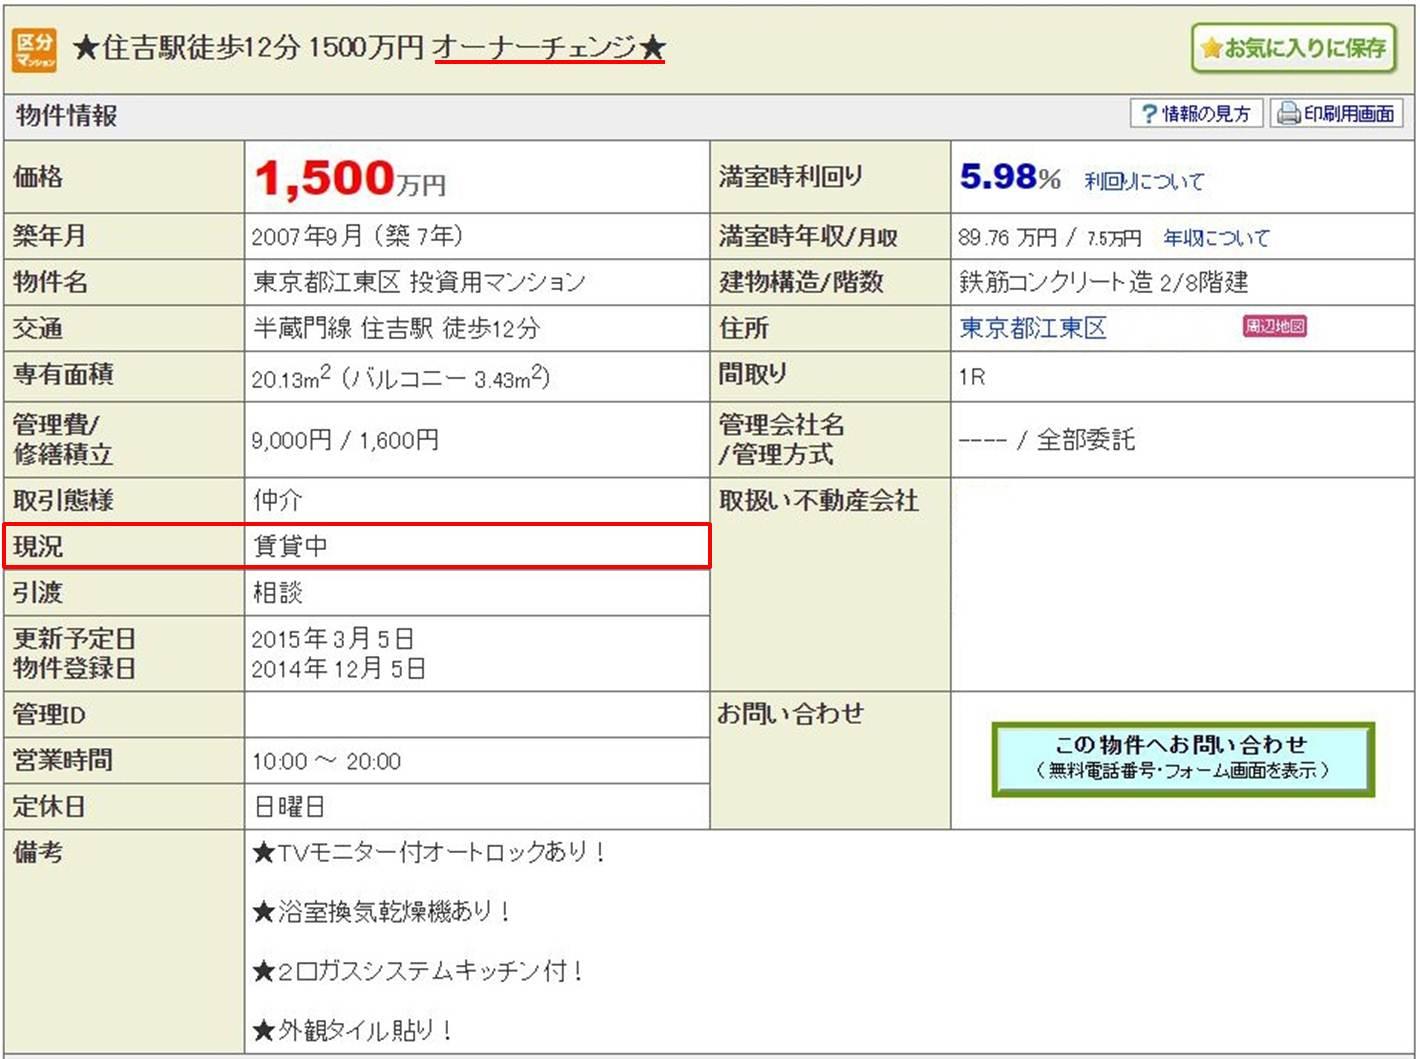 ポータルサイト物件検索画面